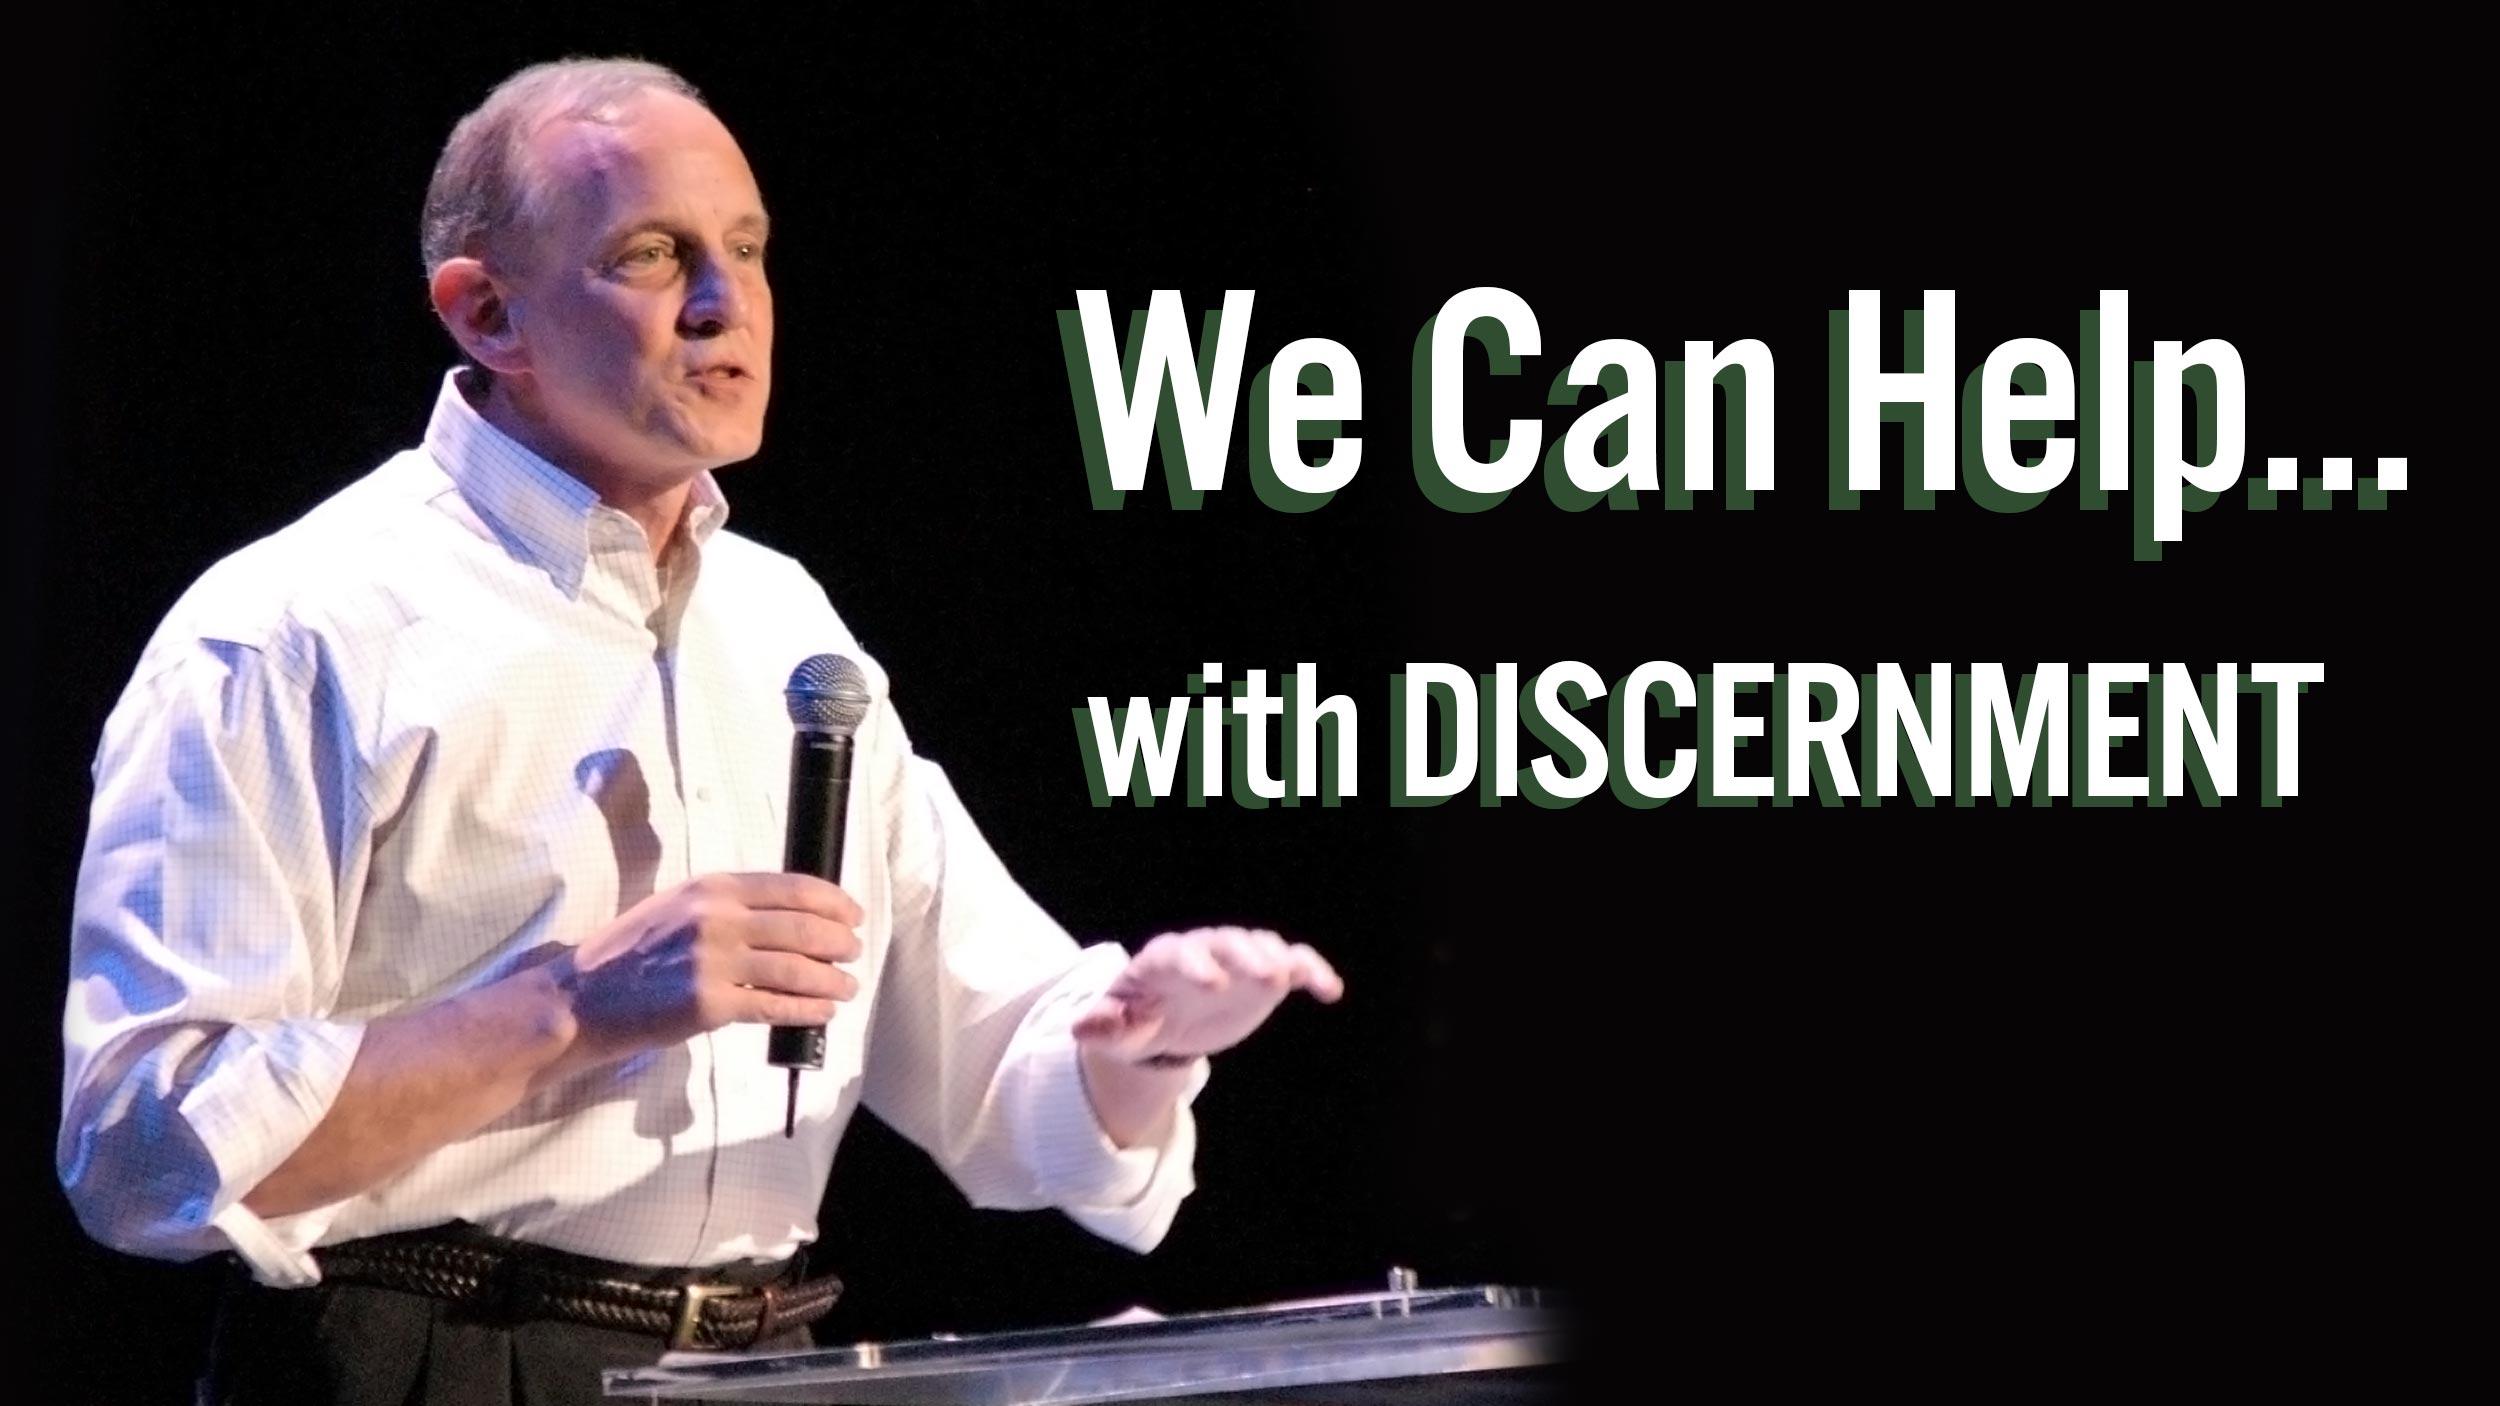 3-WCH-discernment.jpg